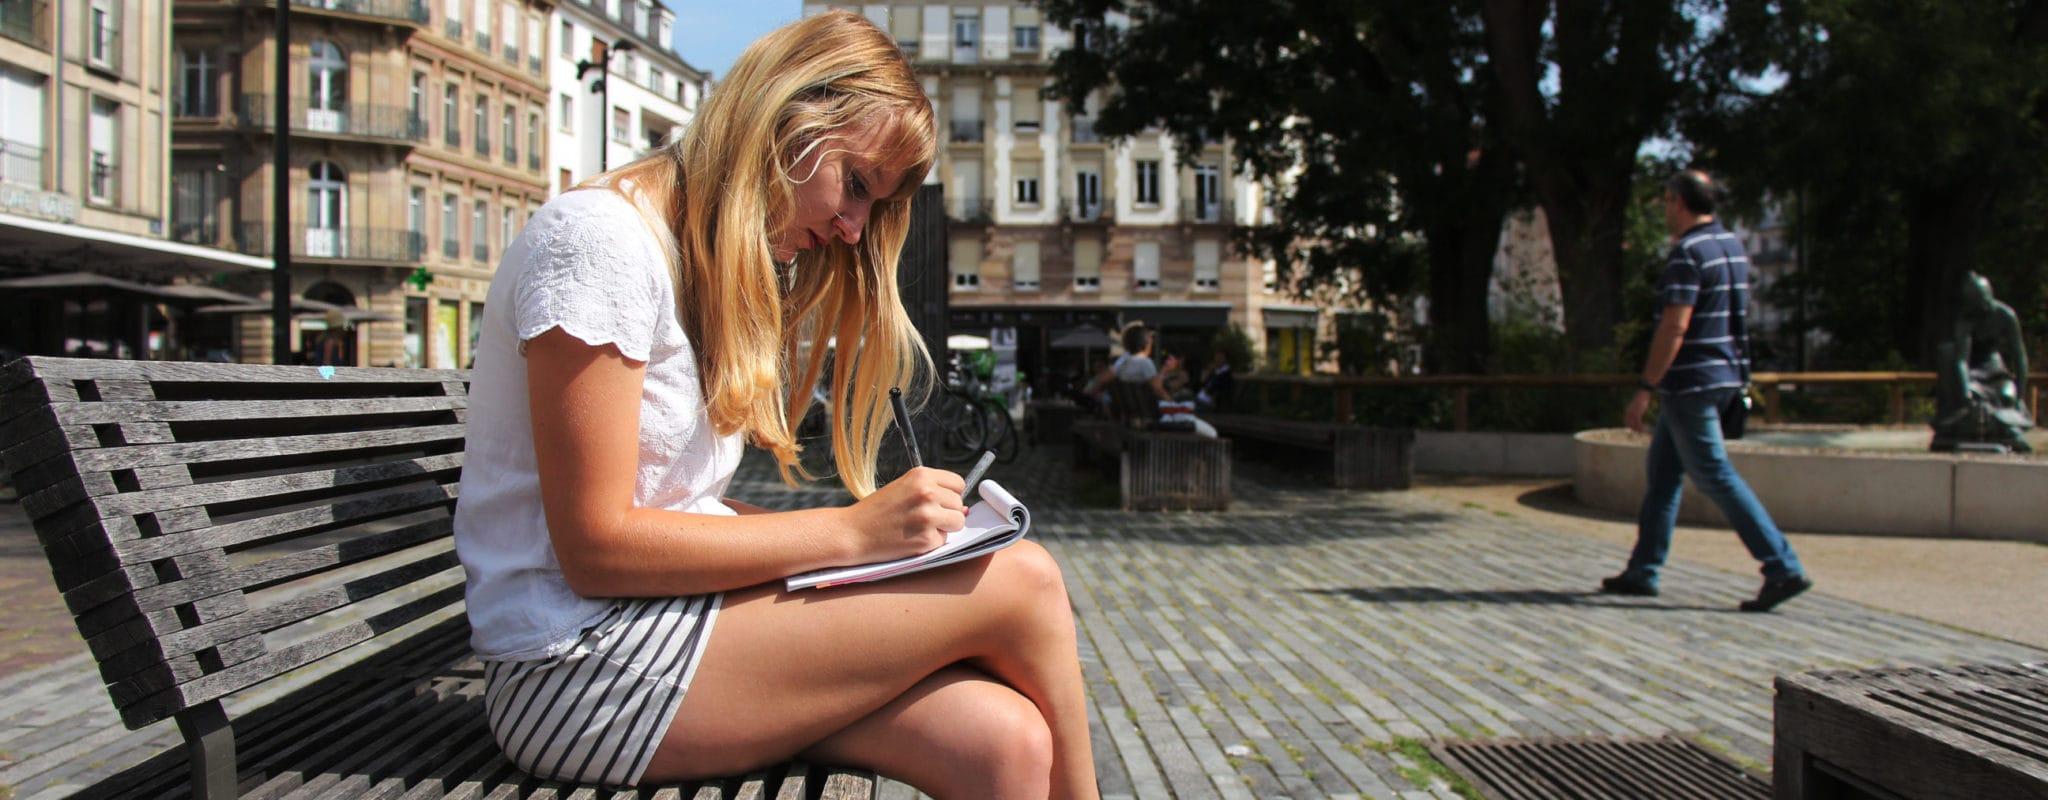 Coût de la vie étudiante à Strasbourg: vivre d'amour, d'eau fraîche et de knacks en boîte